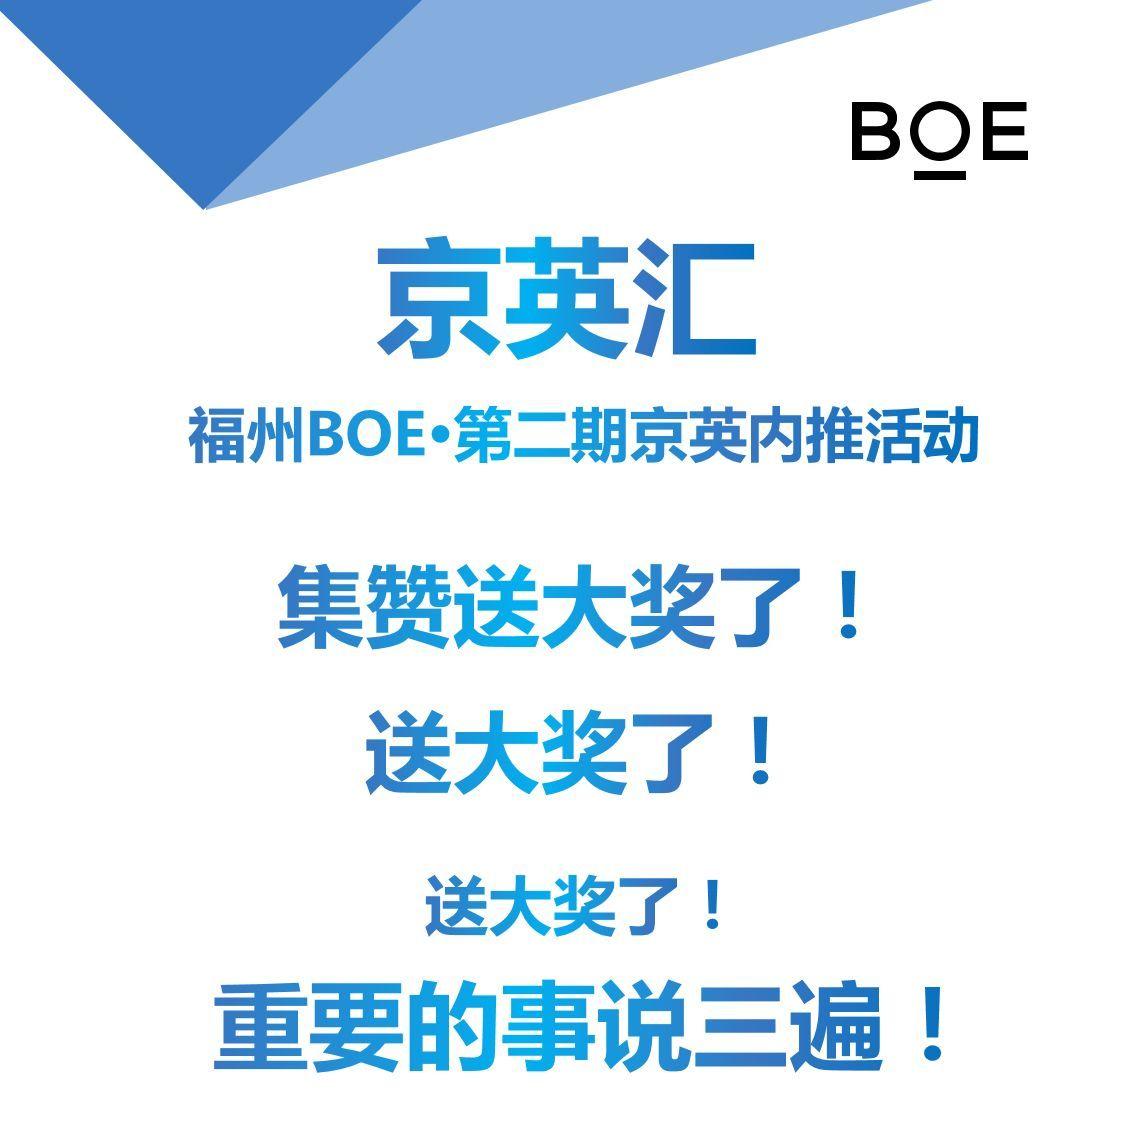 【福州BOE招聘】集赞就能拿大奖?别拦着我!!